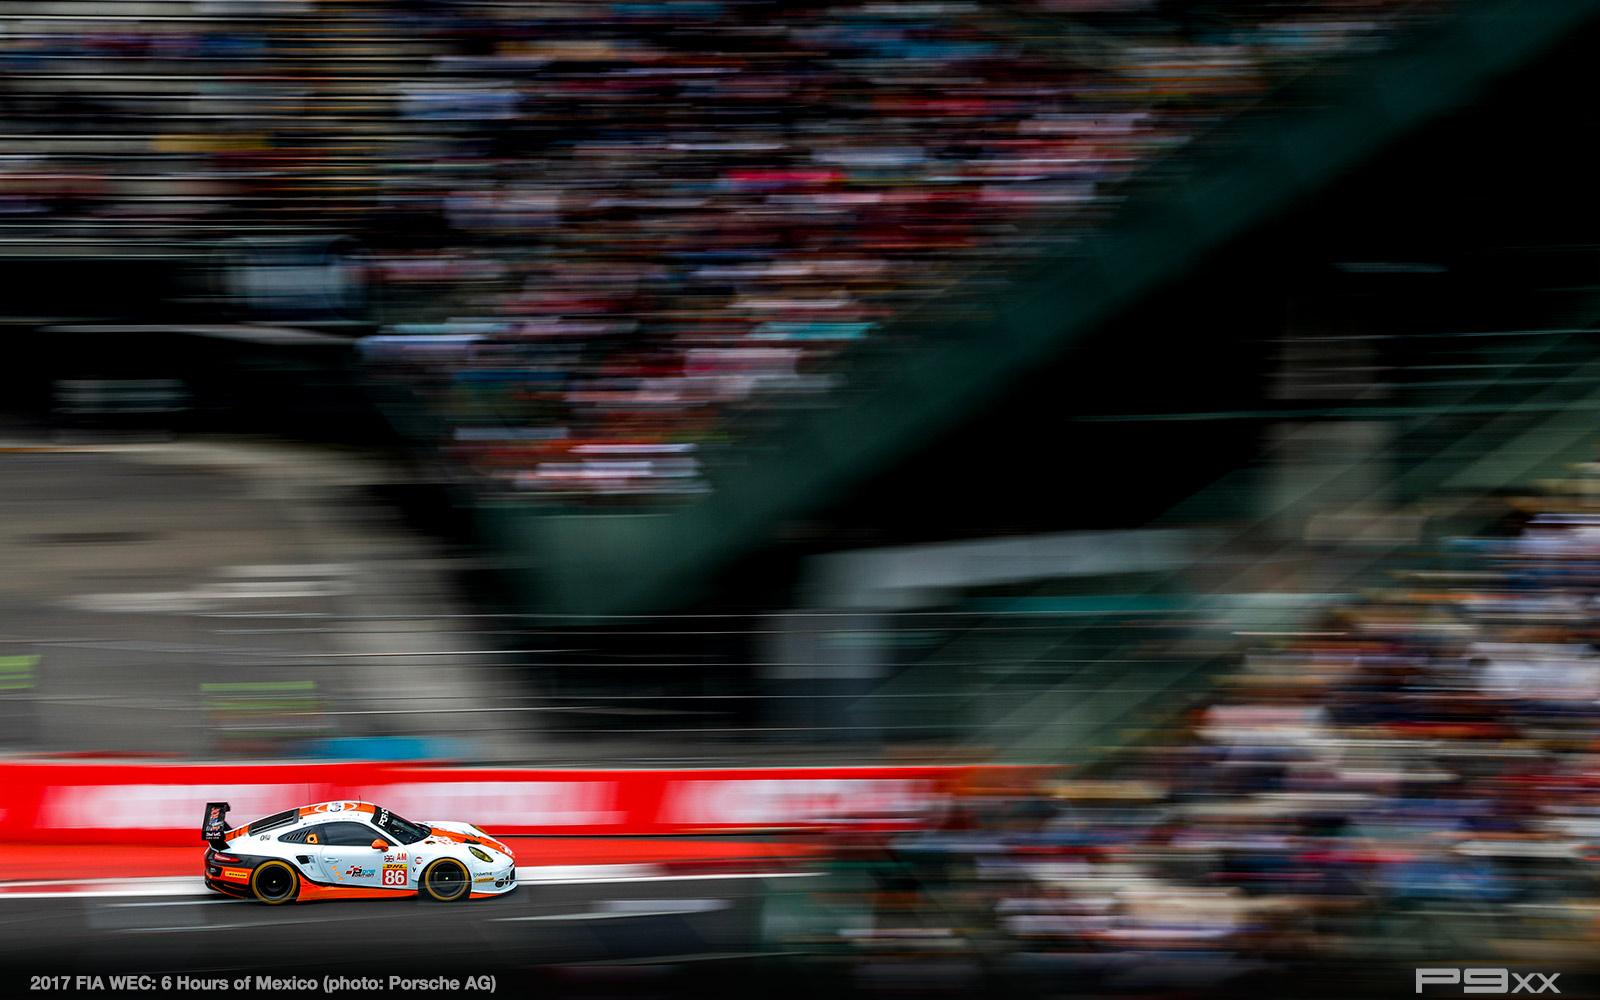 2017-FIA-WEC-6-HOURS-MEXICO-PORSCHE-1343